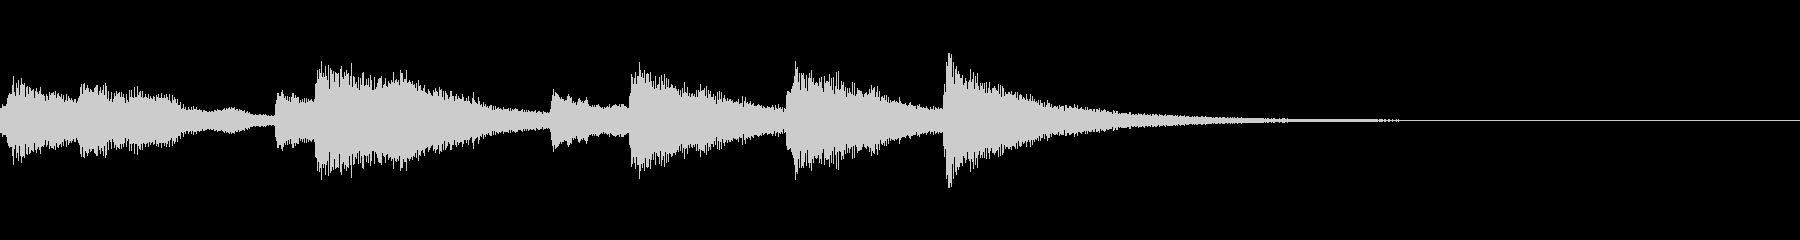 あっさりとしたピアノジングルの未再生の波形